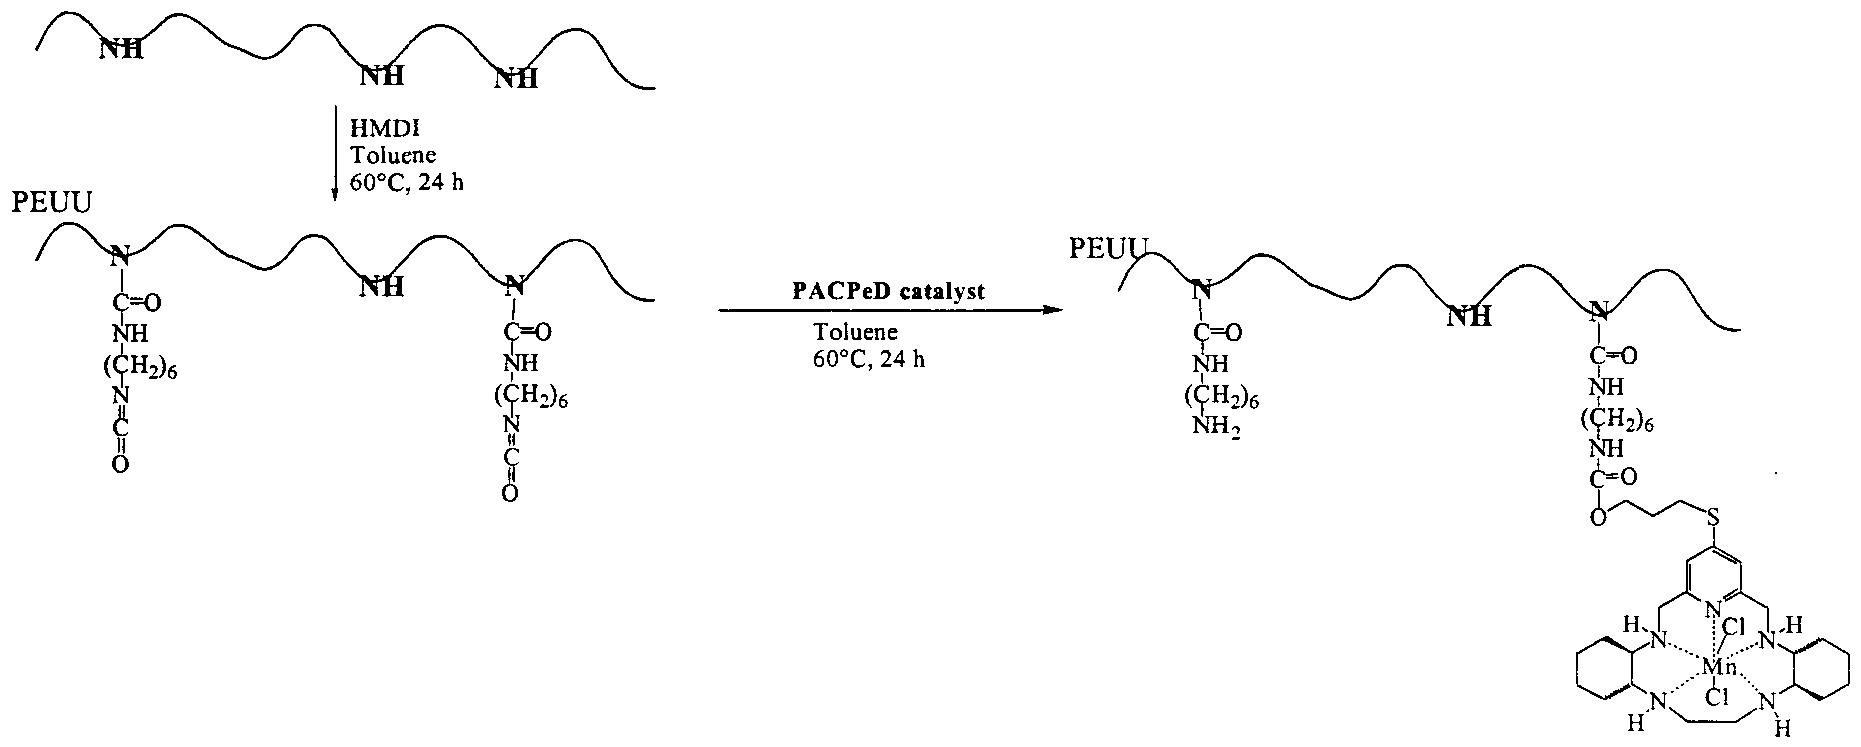 Figure imgf000094_0002